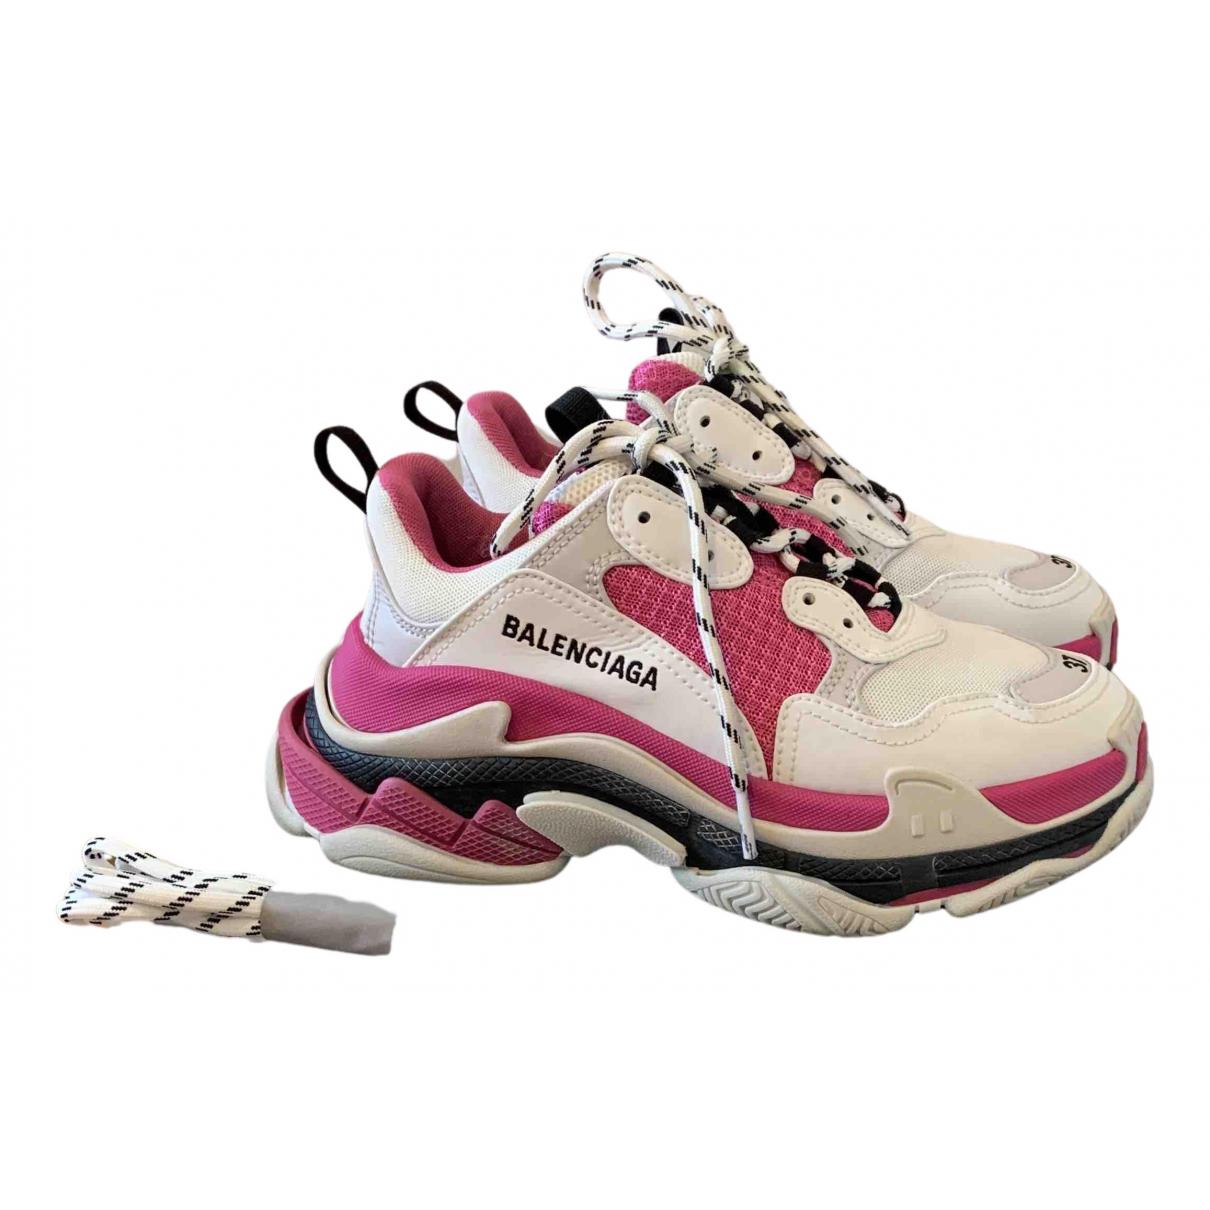 Balenciaga - Baskets Triple S pour femme en suede - rose